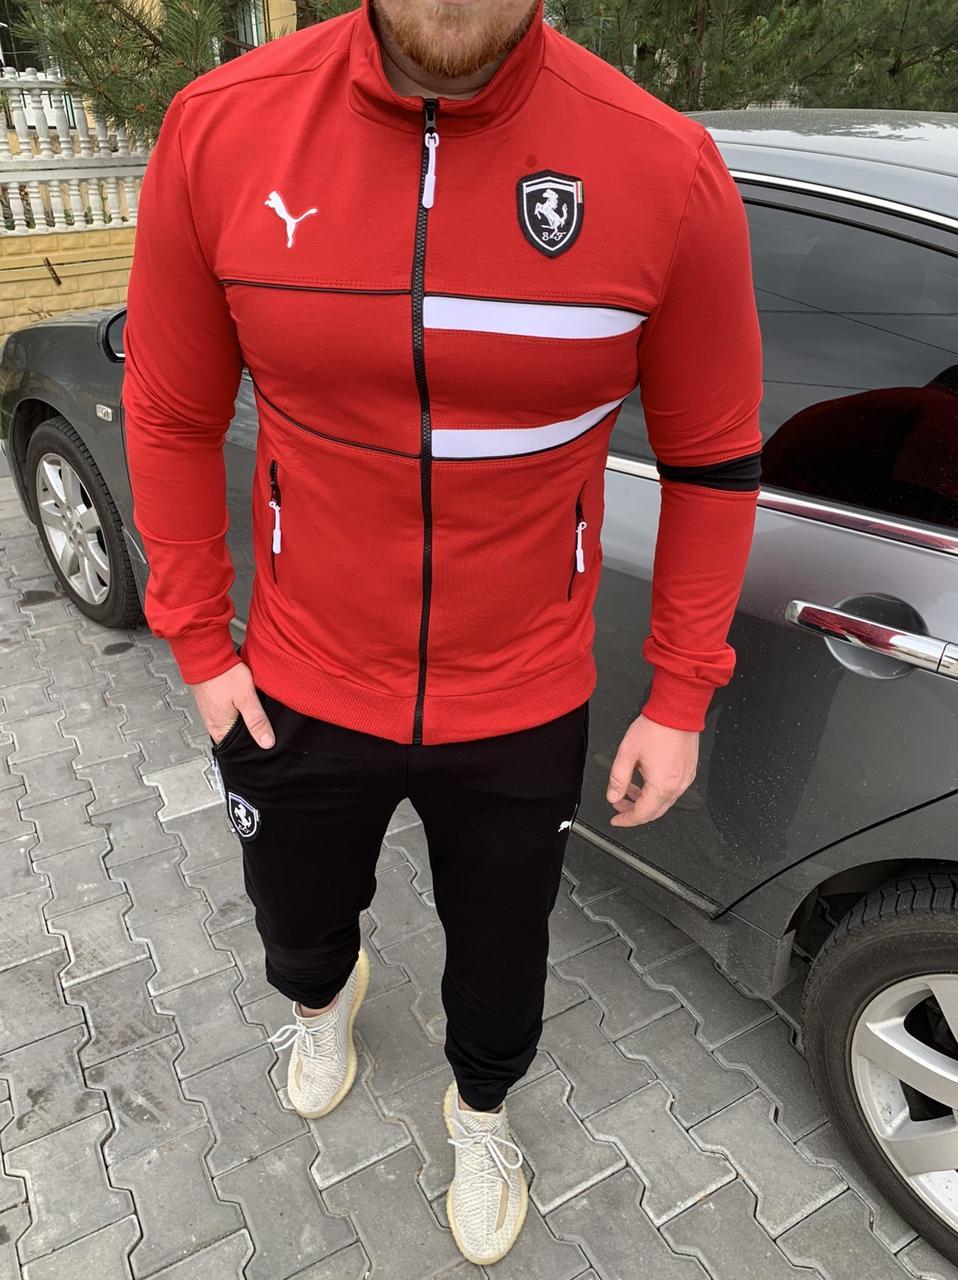 Мужской костюм PUMA Ferrari, Мужской спортивный костюм, Спортивный костюм мужской,